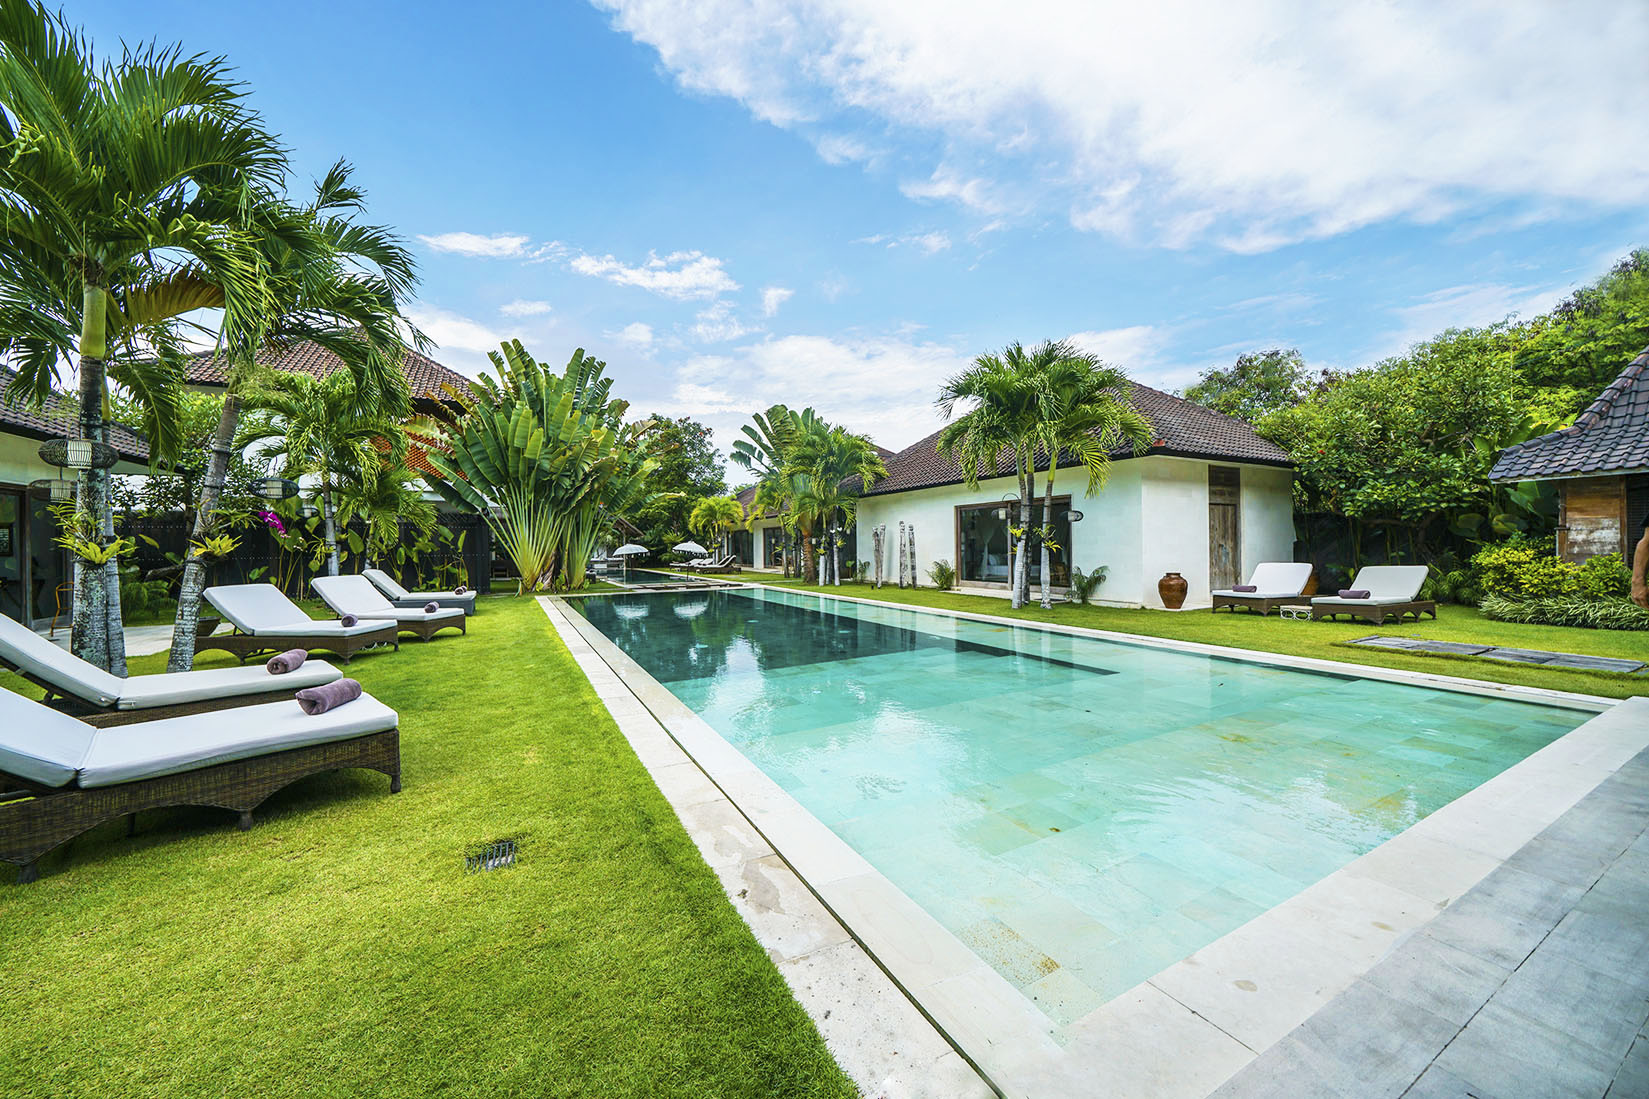 Abaca Villa Iluh - Seminyak Luxury Villas